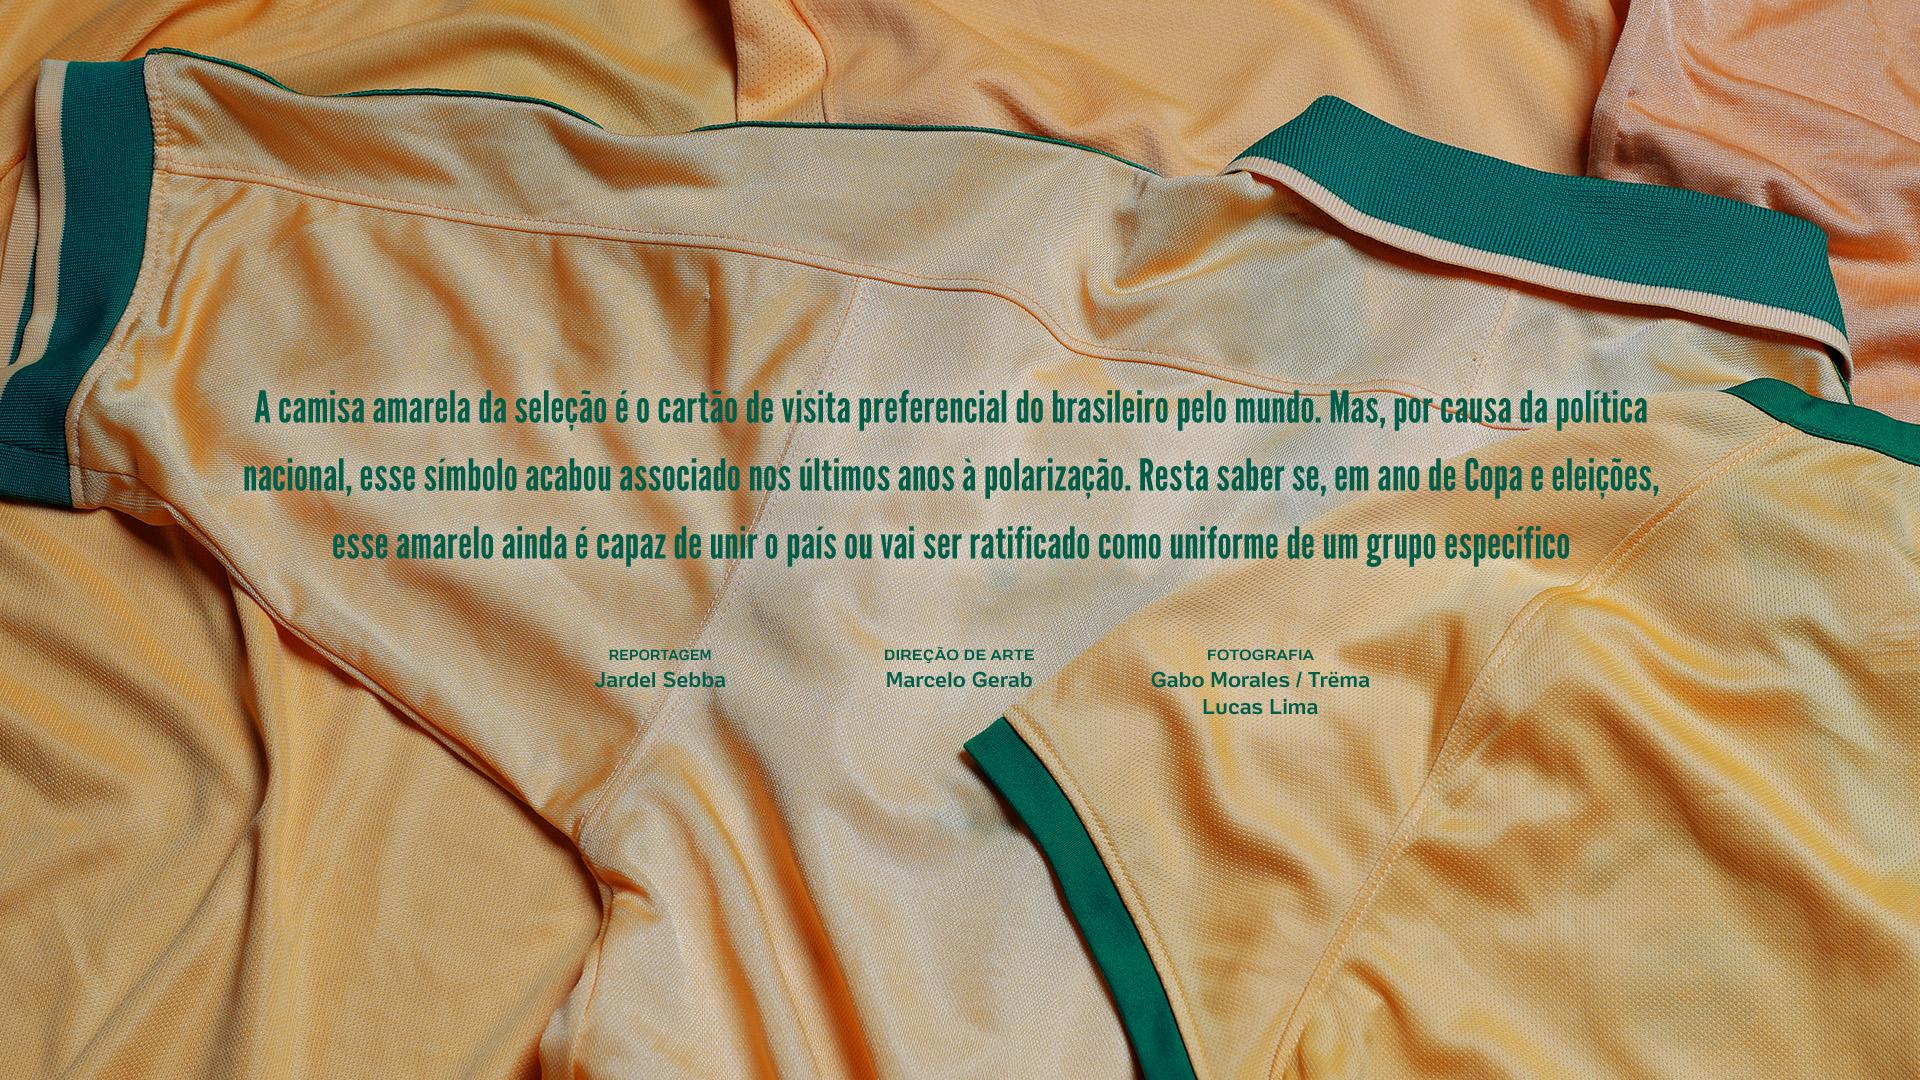 6f299c8579f60 A camisa amarela da seleção brasileira virou há décadas símbolo e até um  passaporte informal do Brasil pelo mundo. Mas nos últimos anos ela ajudou a  dividir ...